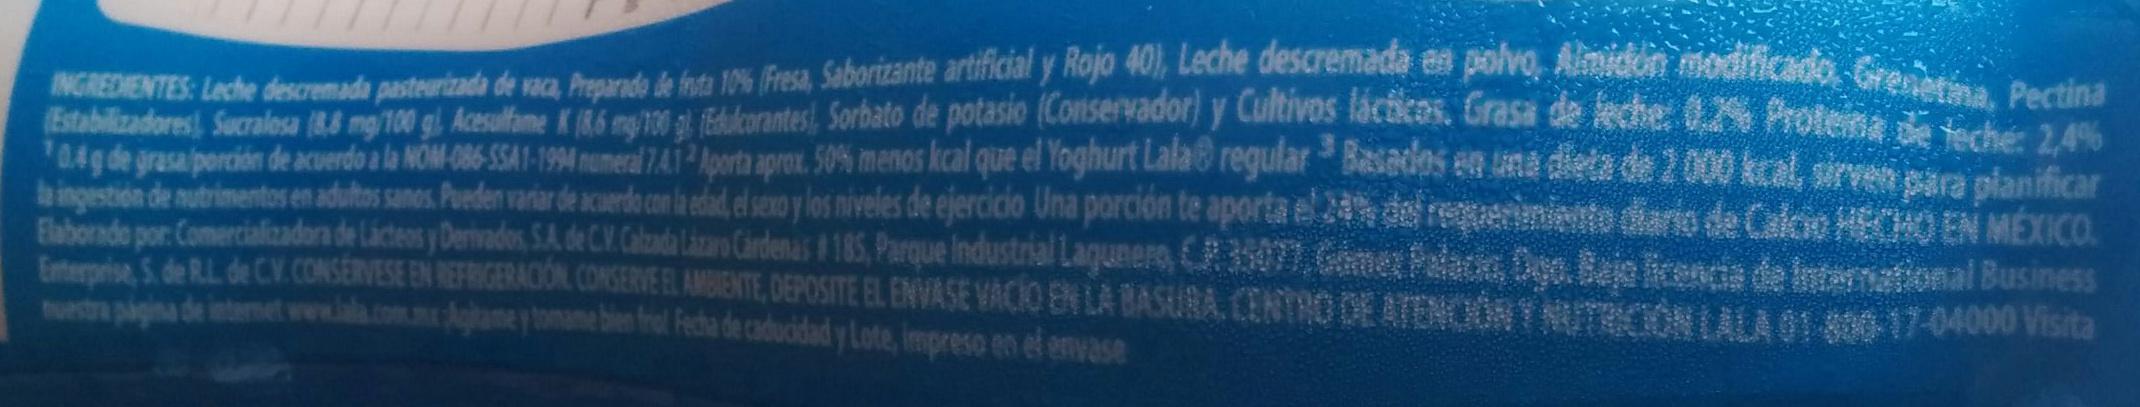 Yoghurt Lala Light sabor fresa - Ingredientes - es